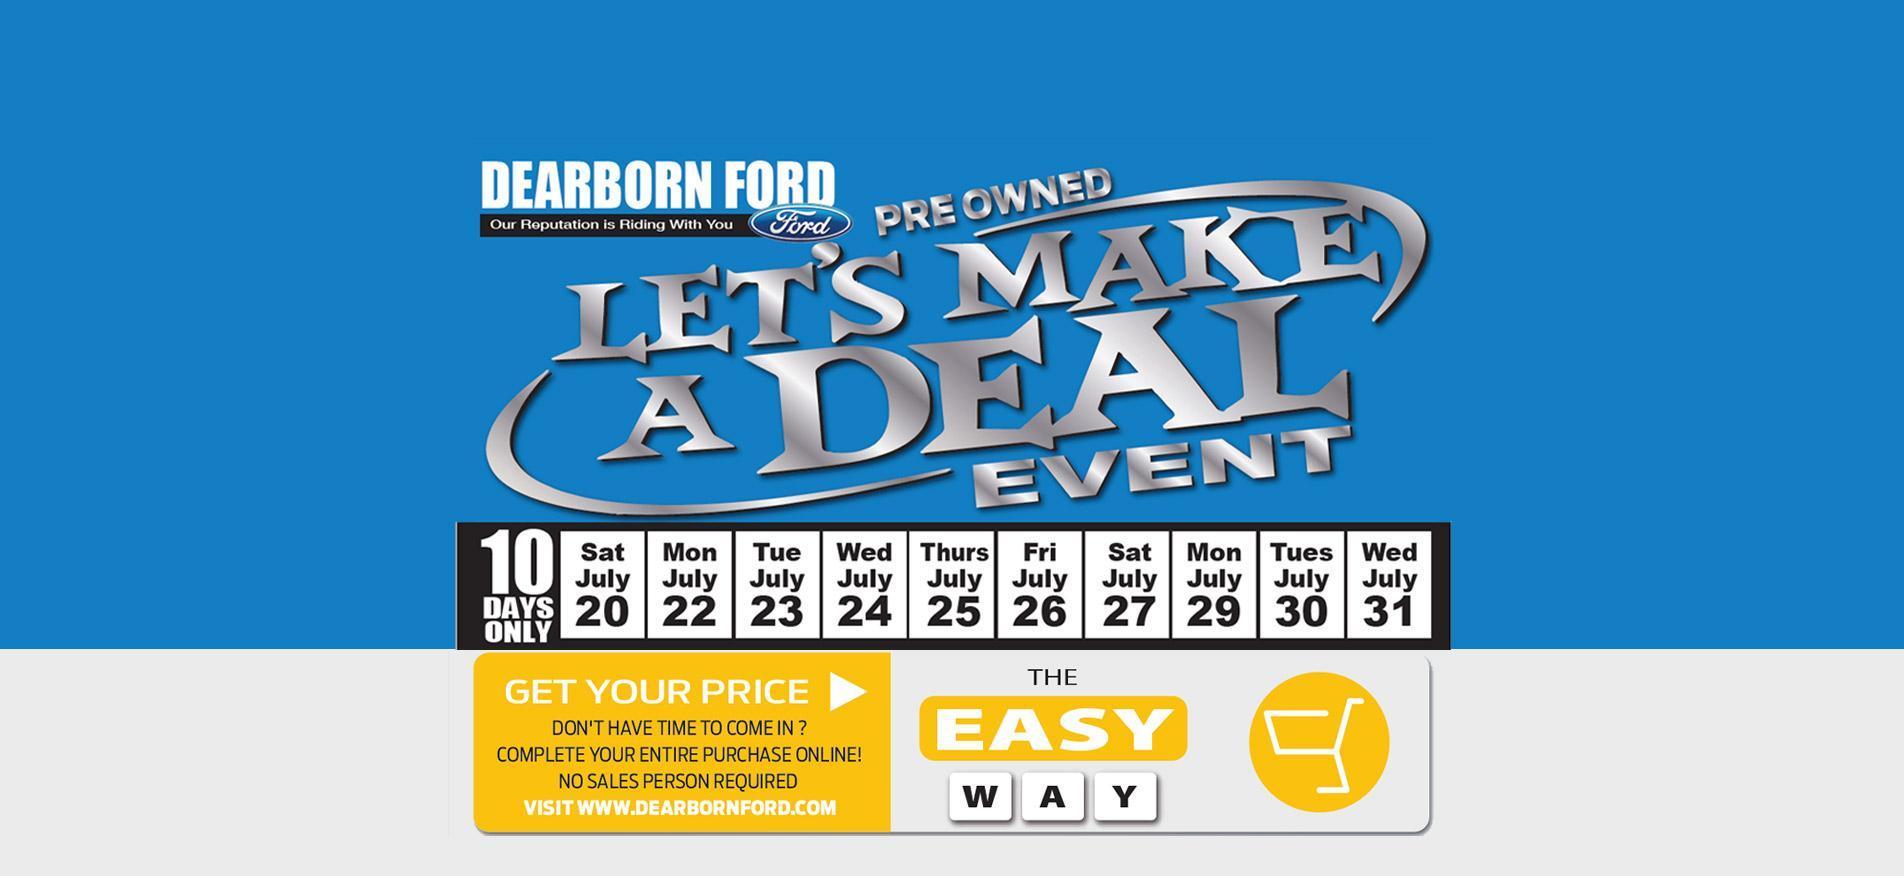 Preowend deals